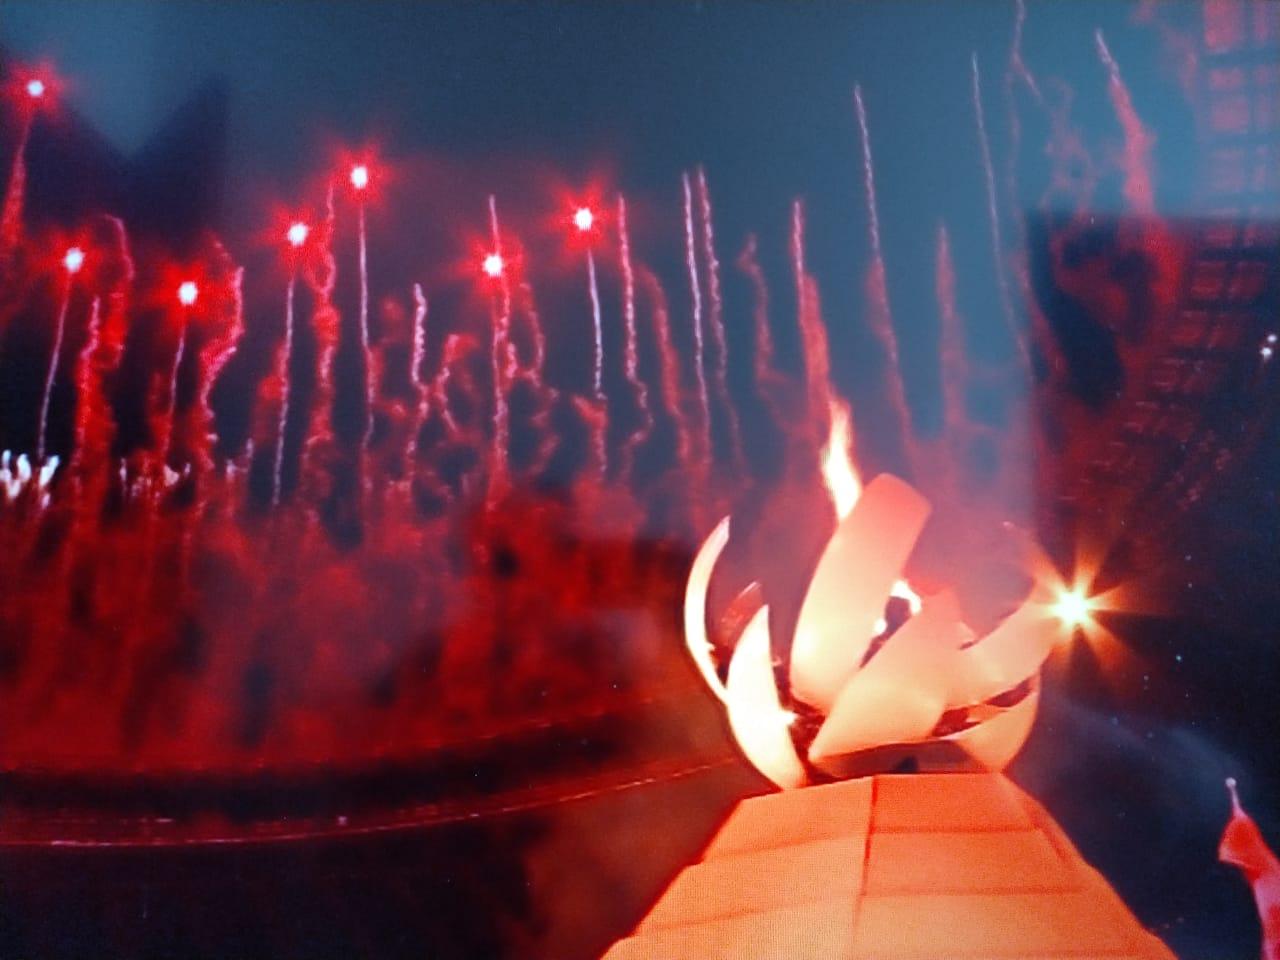 Minimalista e tecnológica, esperava-se mais da abertura das Olimpíadas de Tóquio 2020